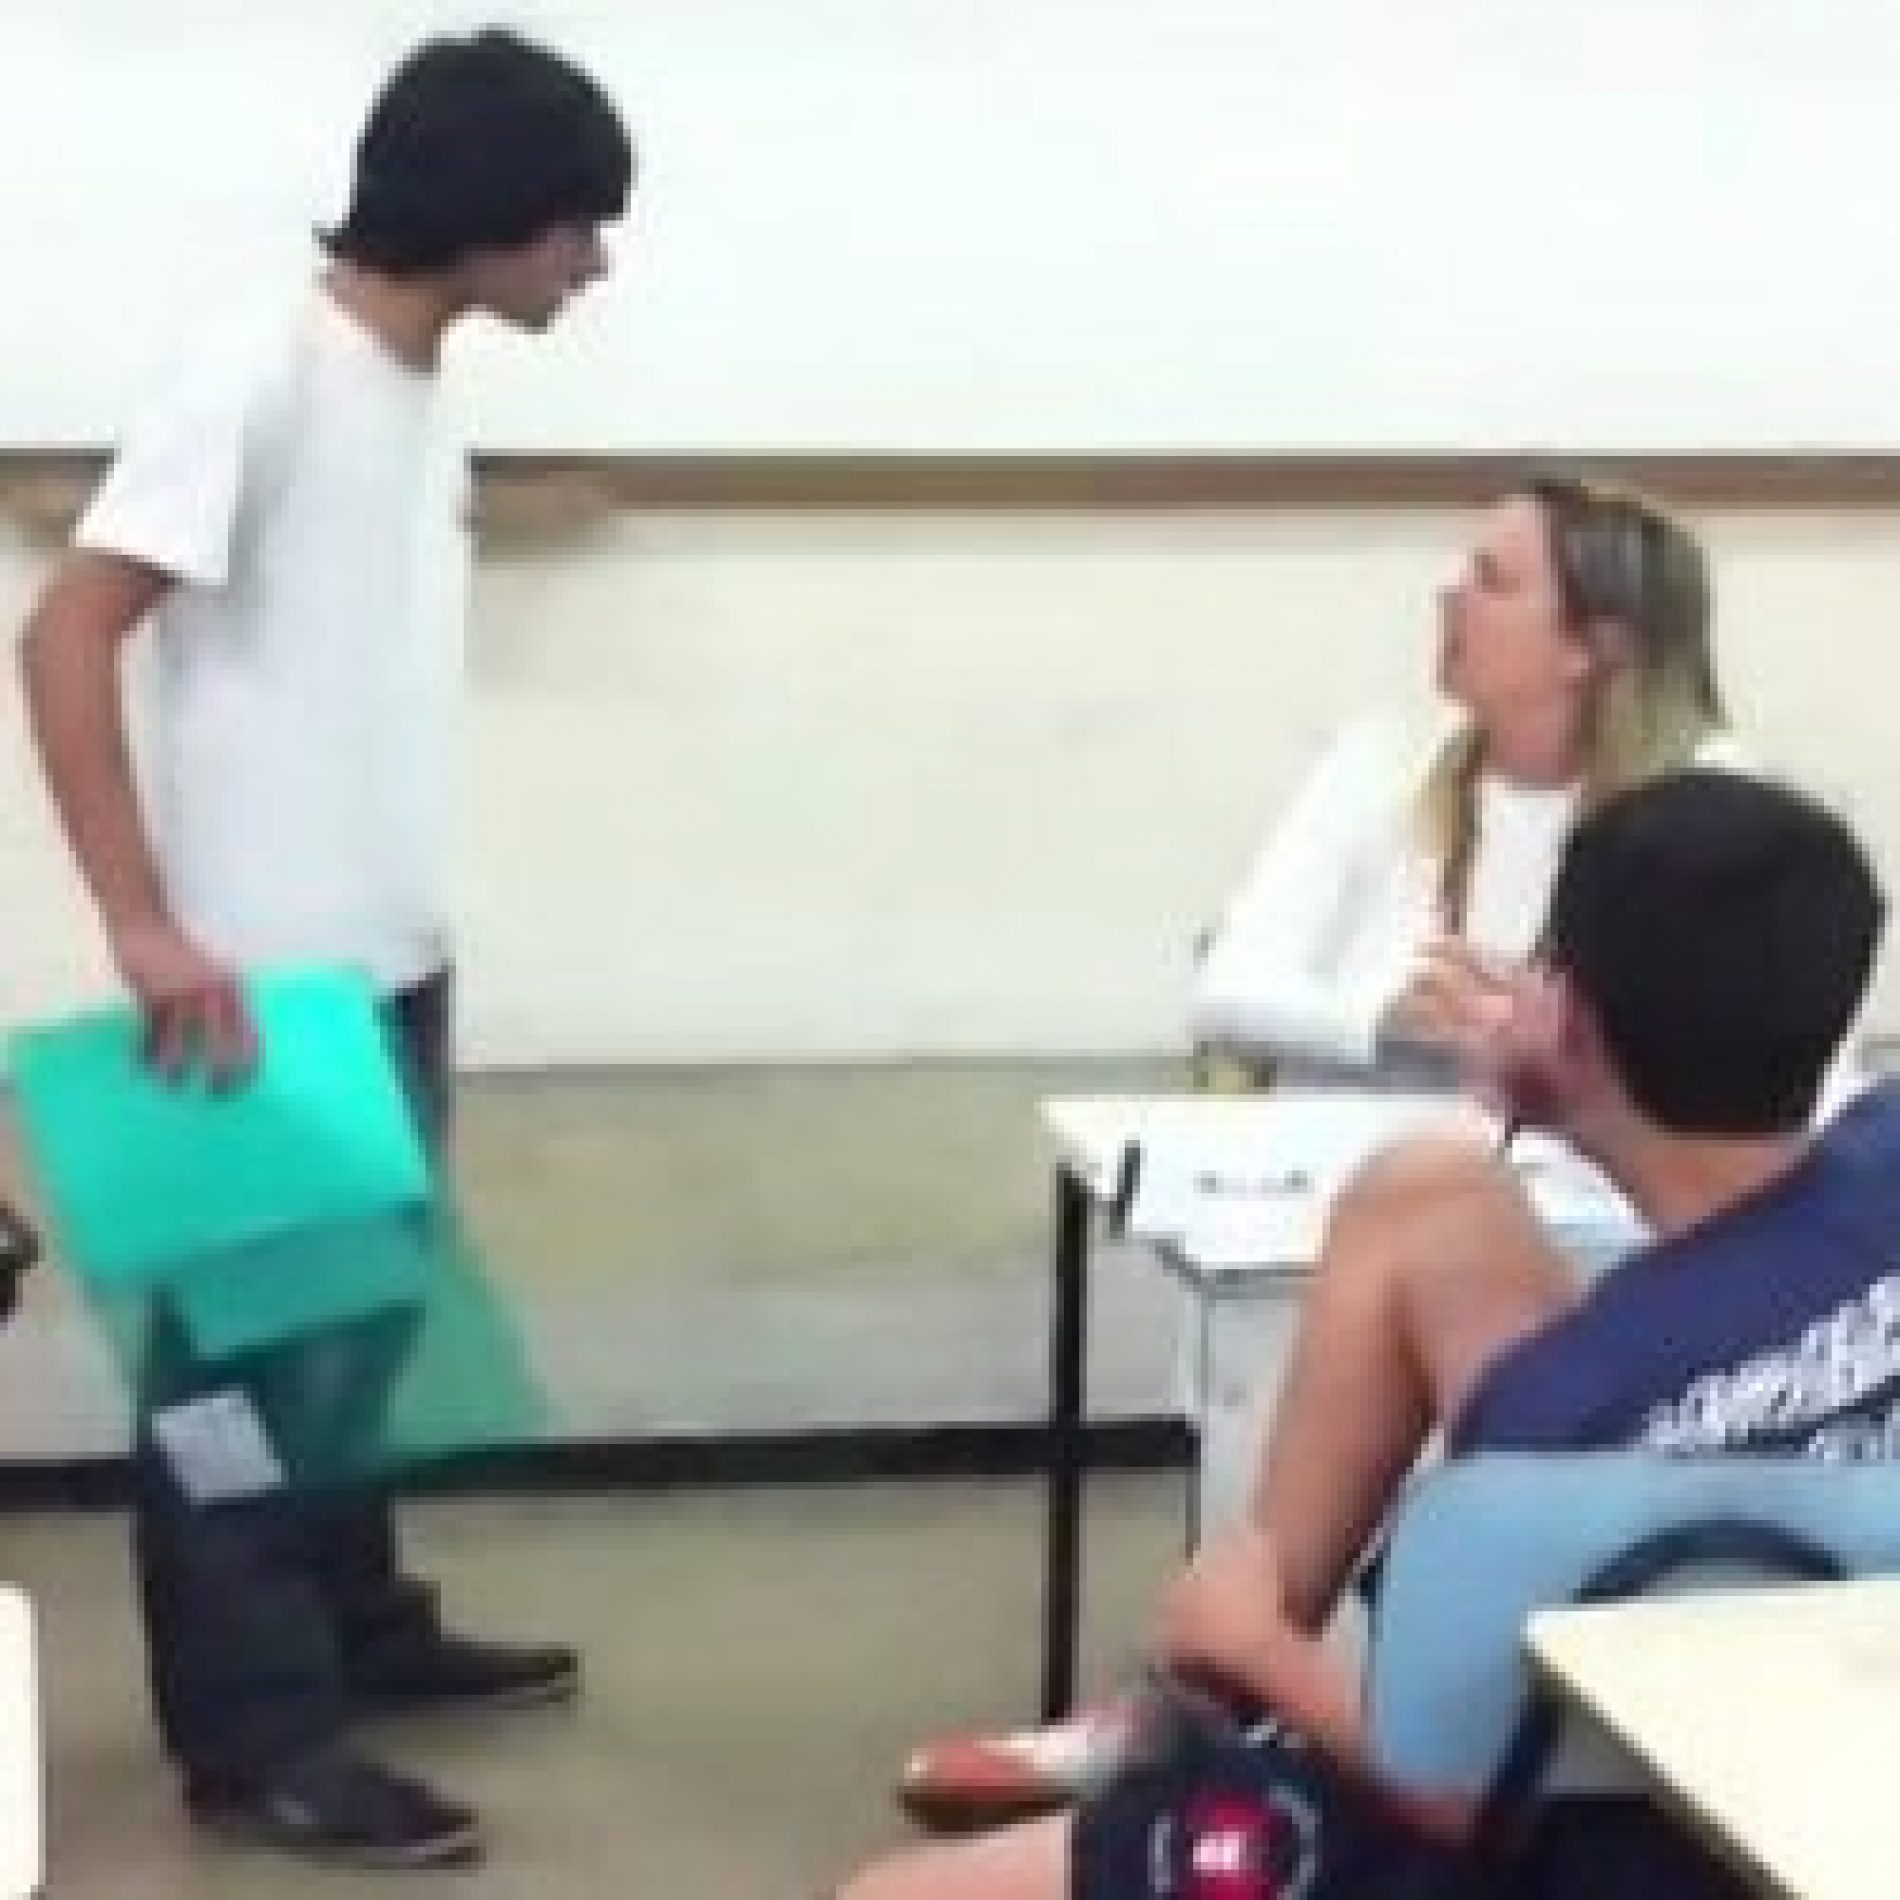 Aluno ameaça professora porque queria saber nota que tirou na prova